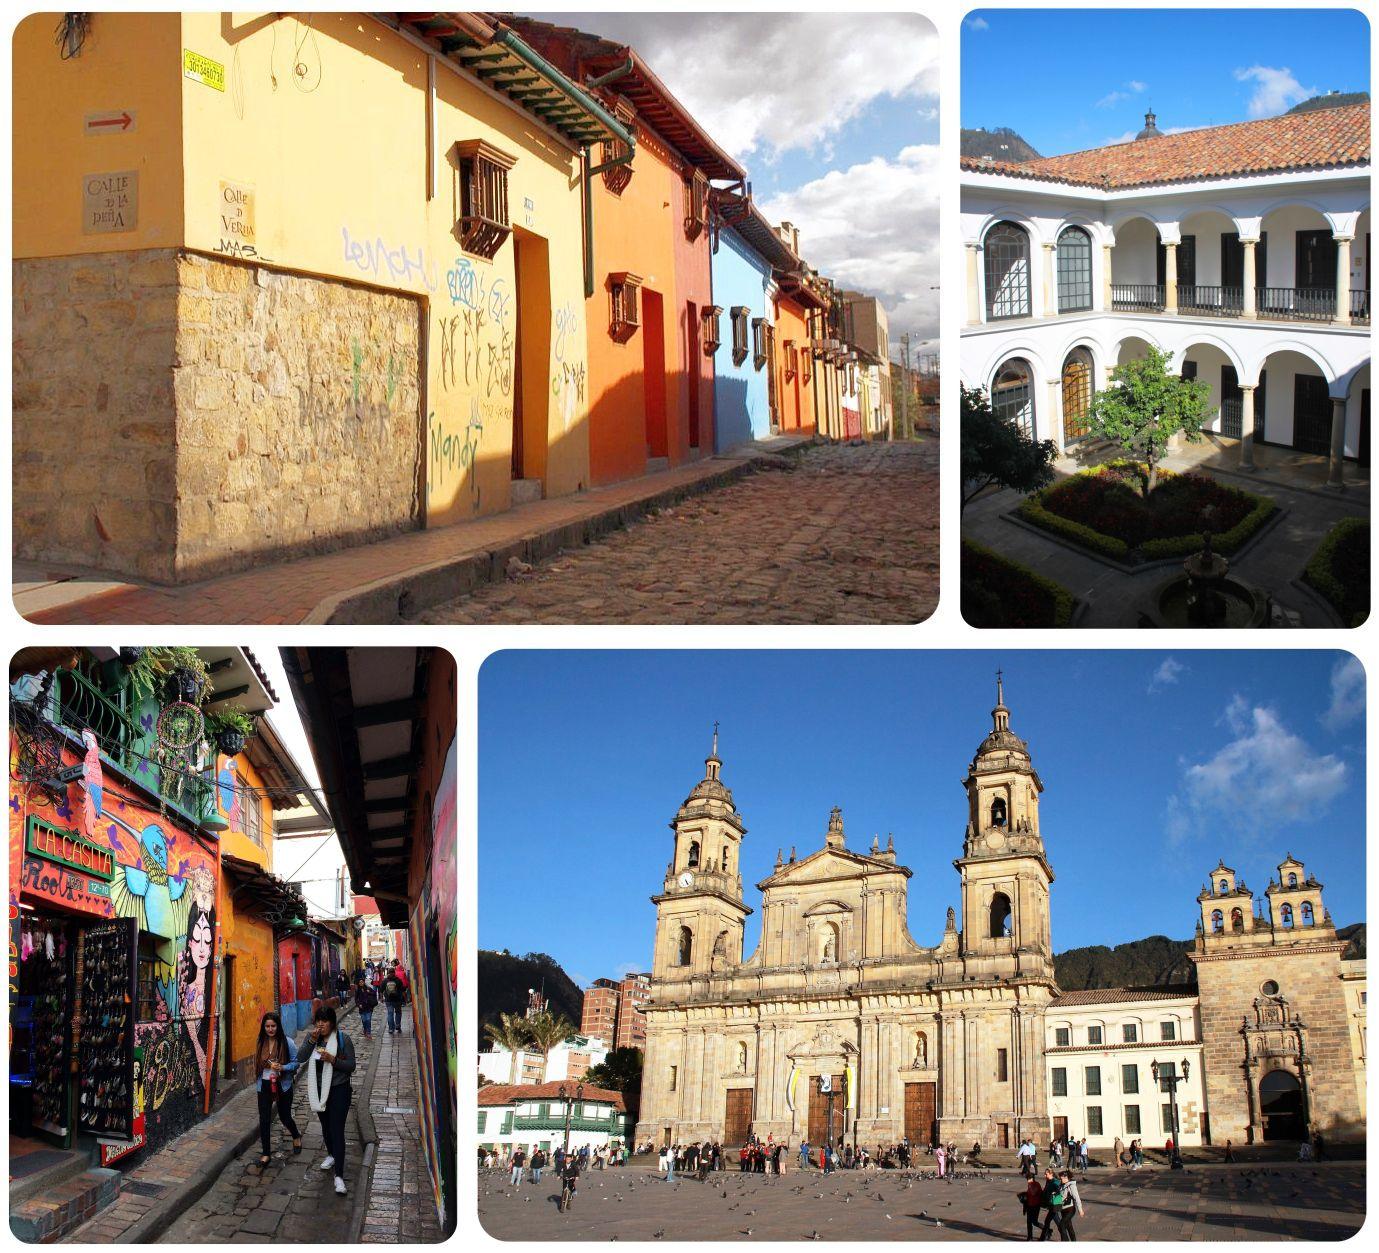 Bogota La Candelaria neighborhood Colombia